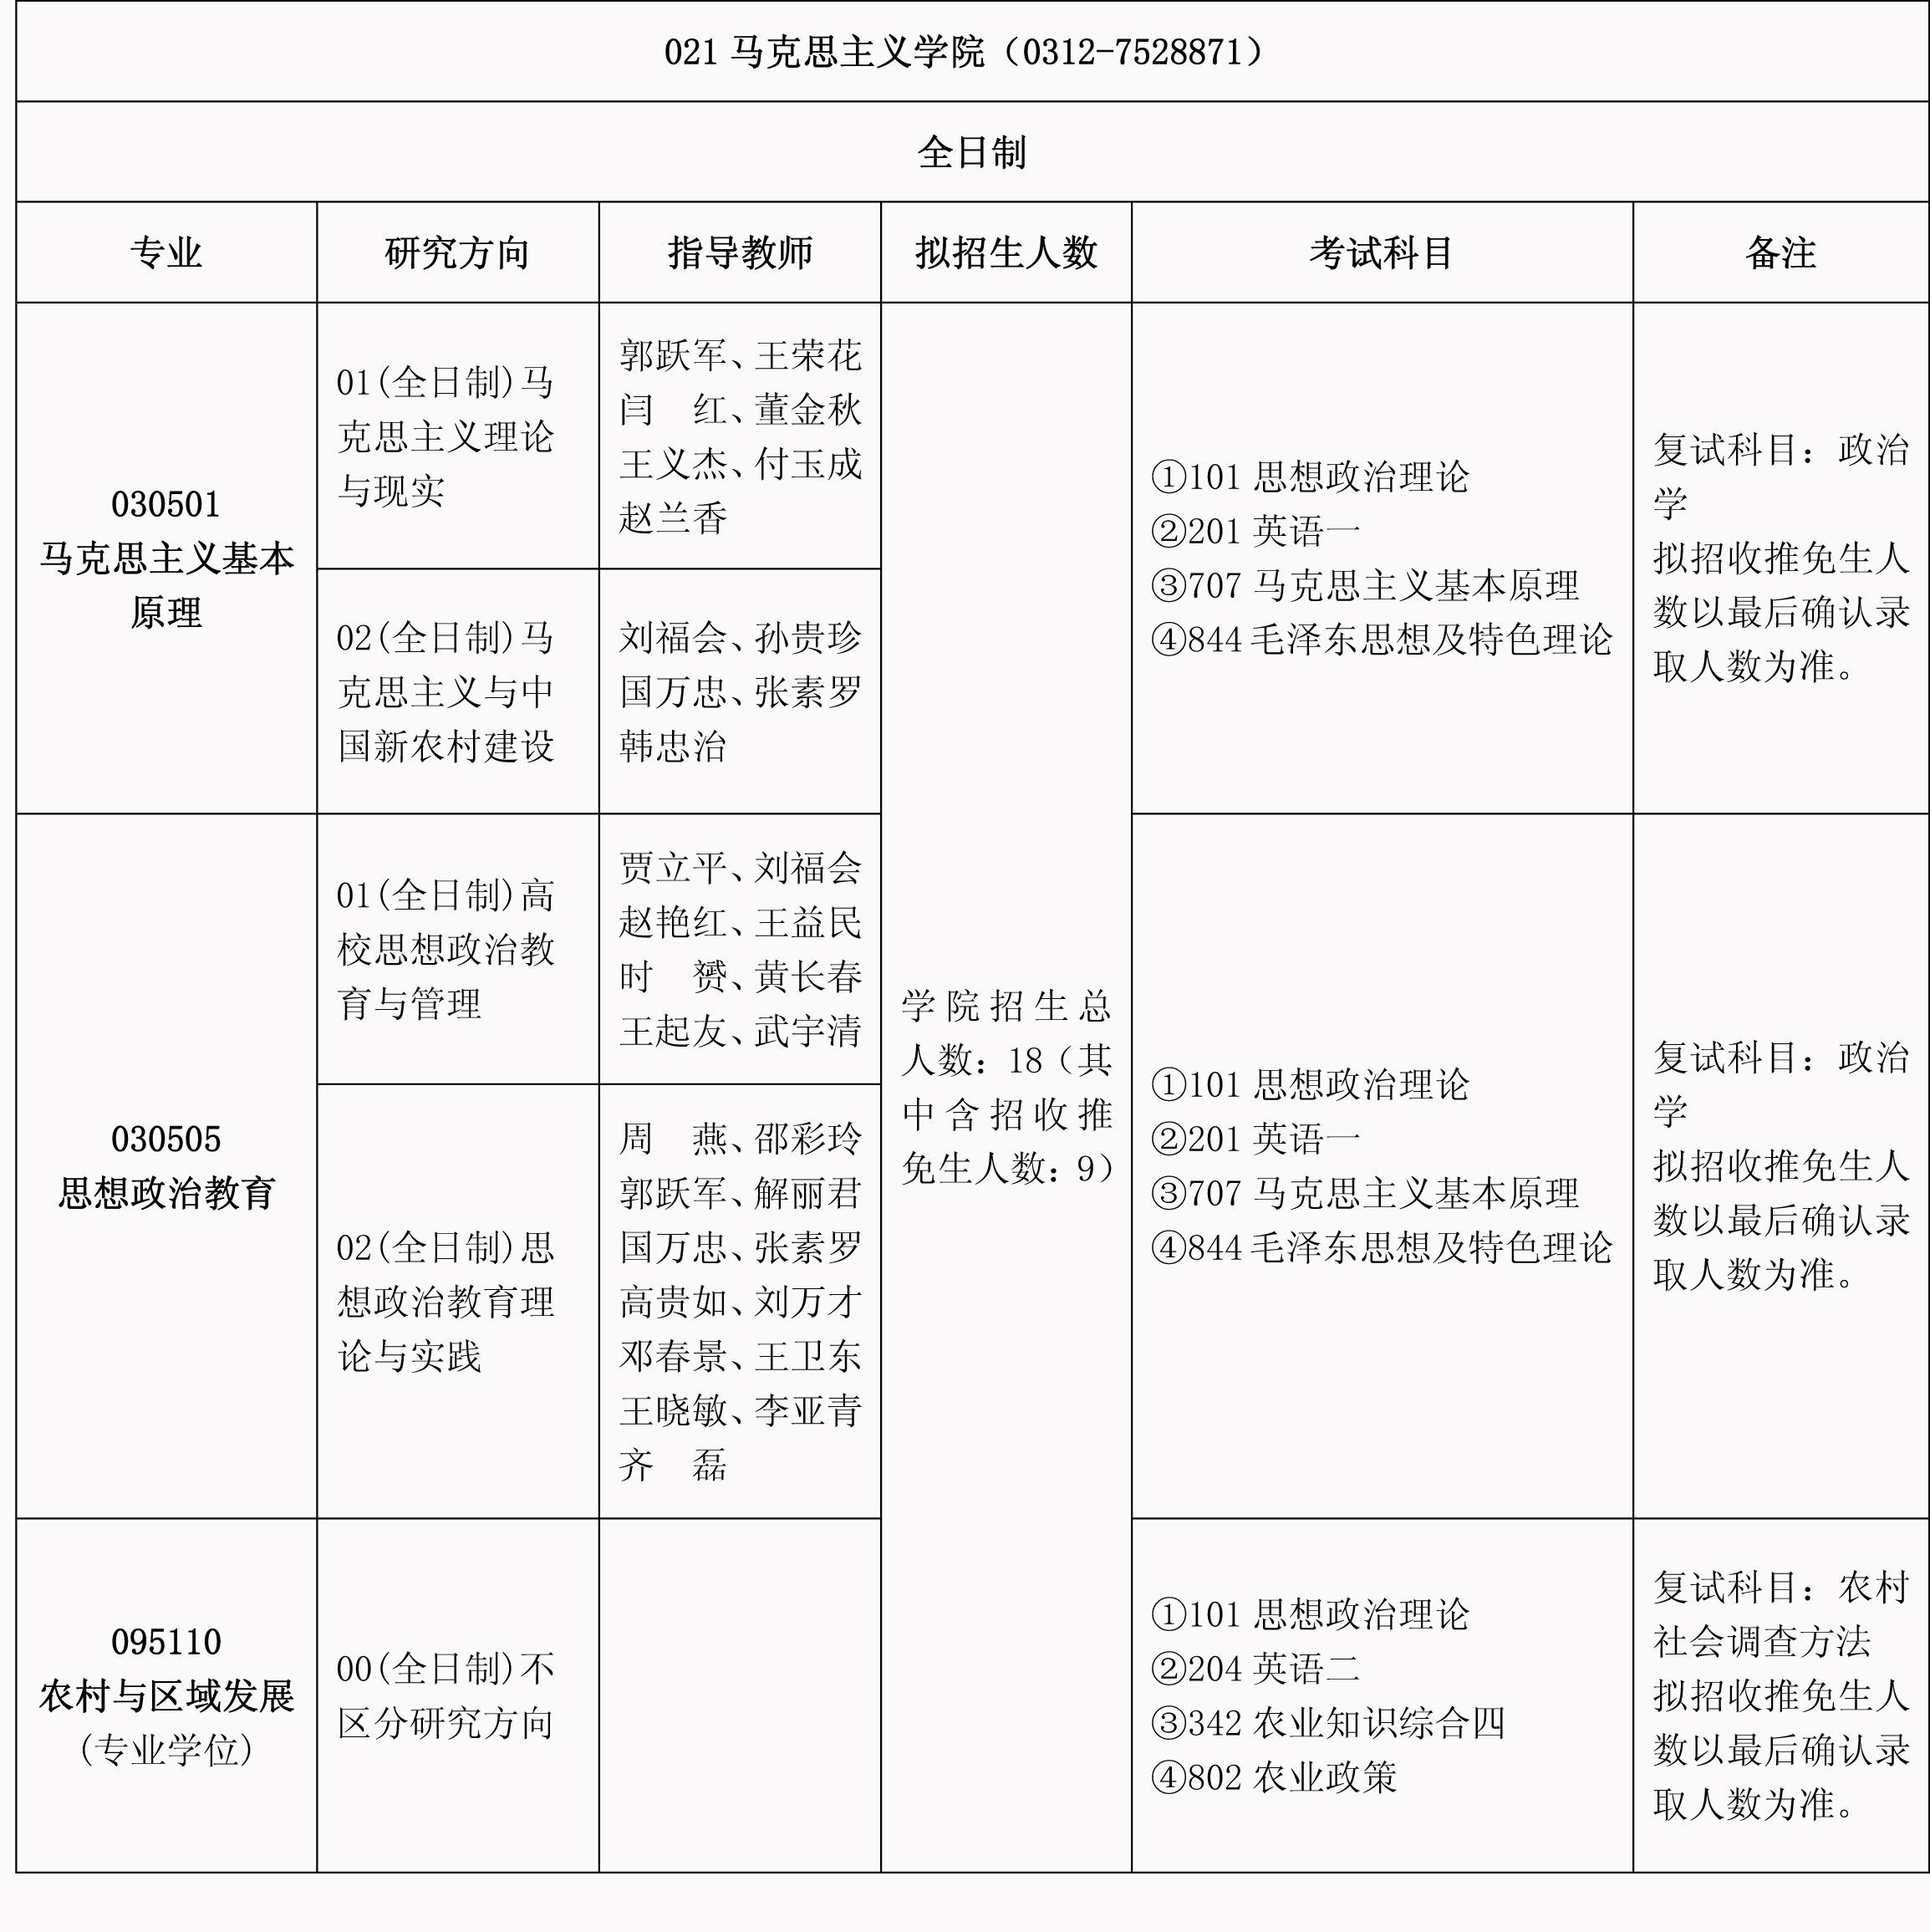 河北农业大学2017年马克思主义学院硕士研究生招生目录